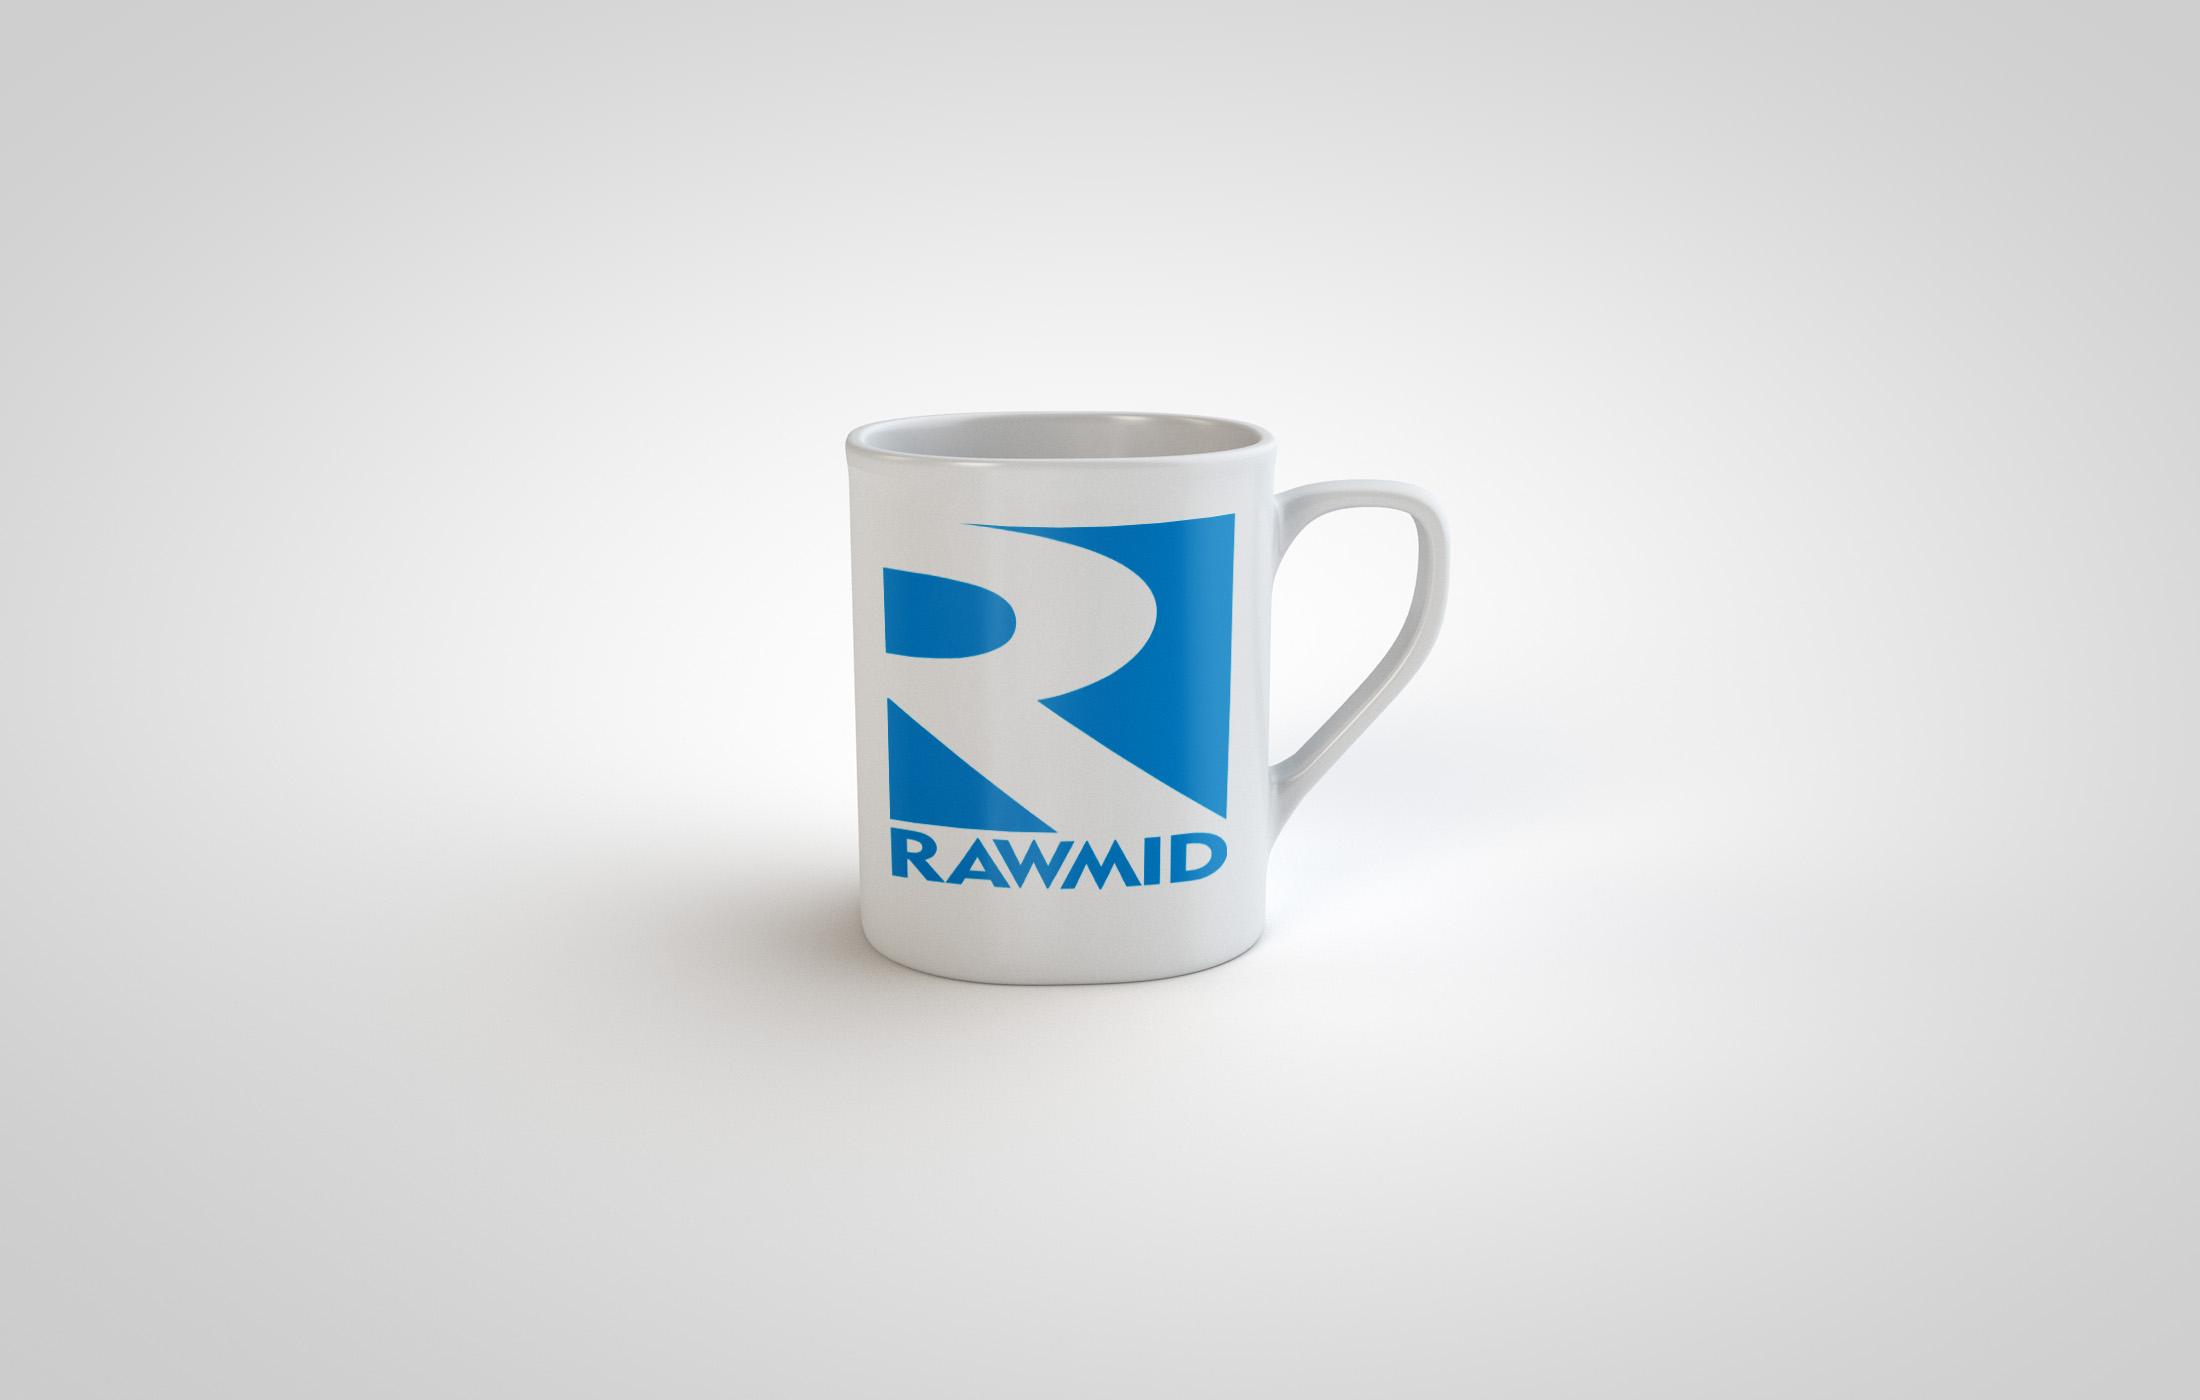 Создать логотип (буквенная часть) для бренда бытовой техники фото f_6945b3881b57124b.jpg